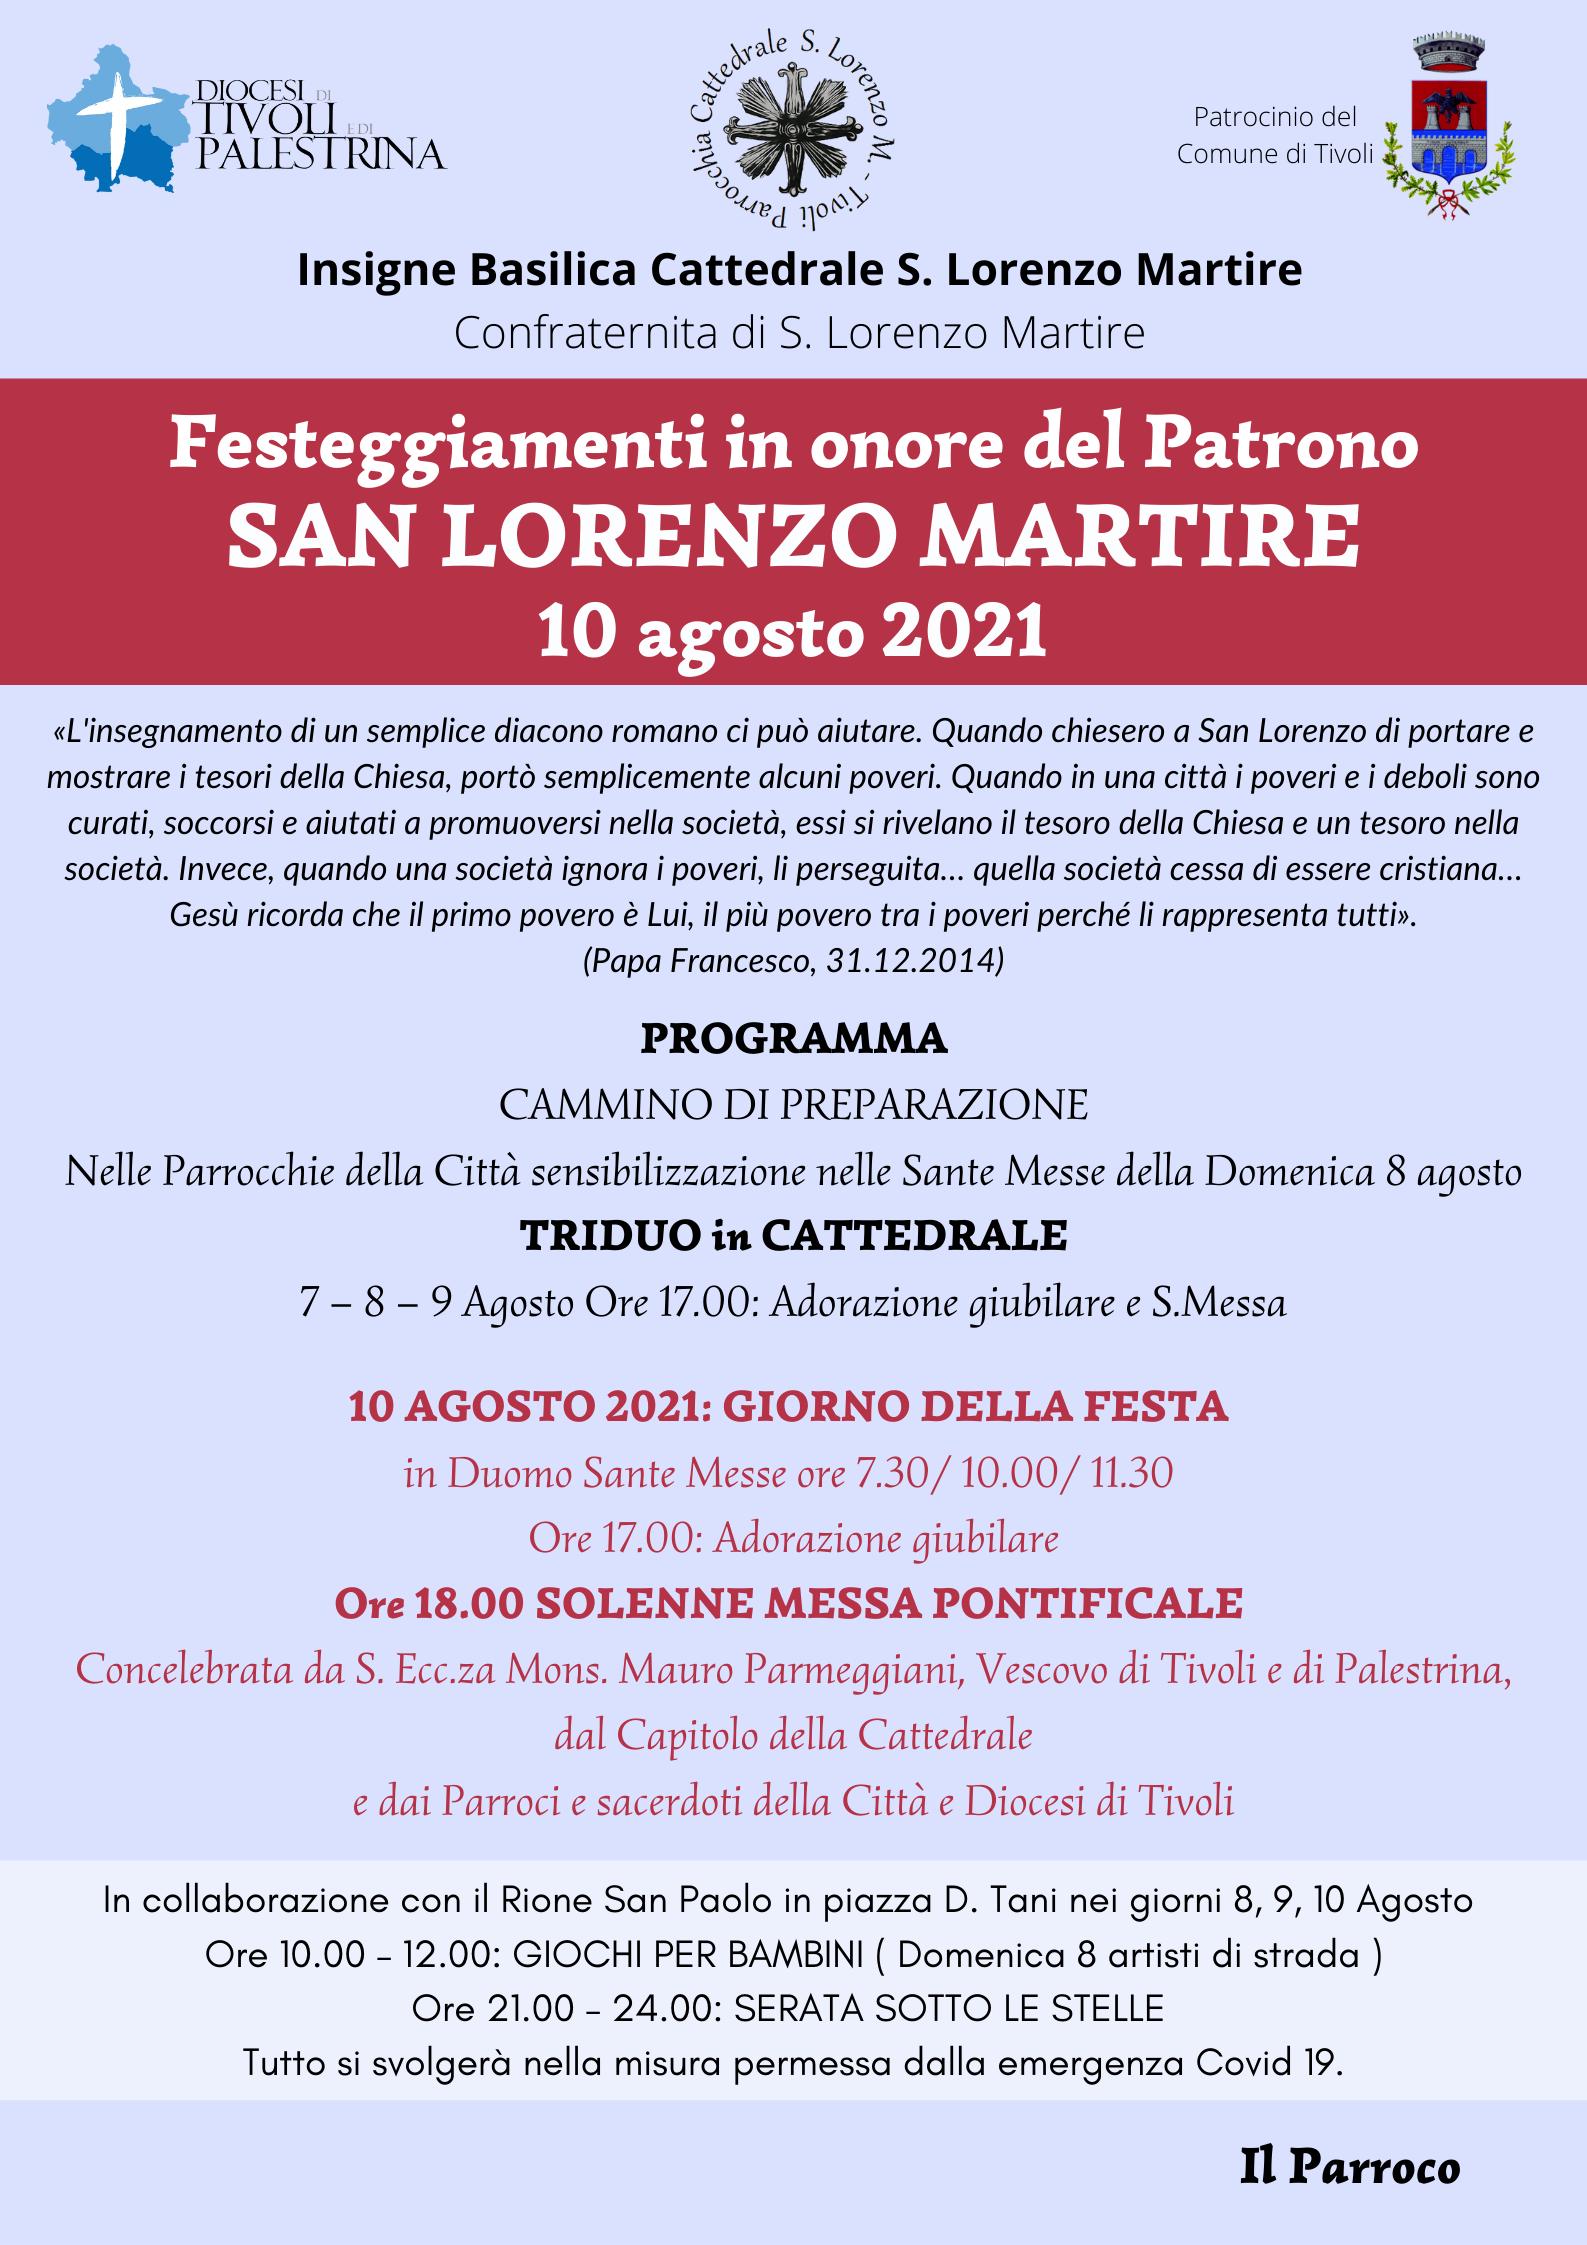 Festa di San Lorenzo Martire. Il Programma